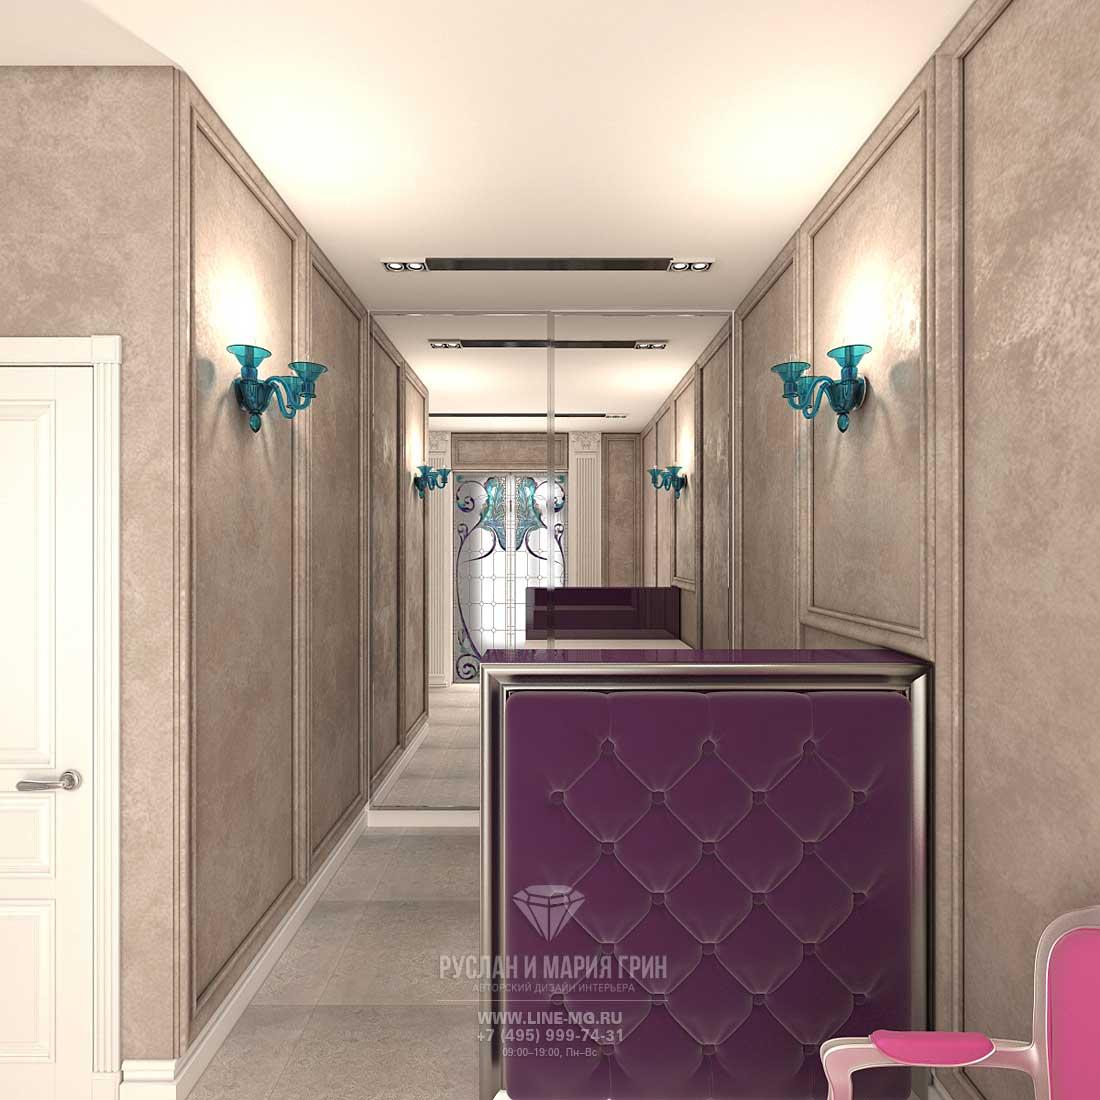 Дизайн зоны ресепшн в салоне красоты: фото